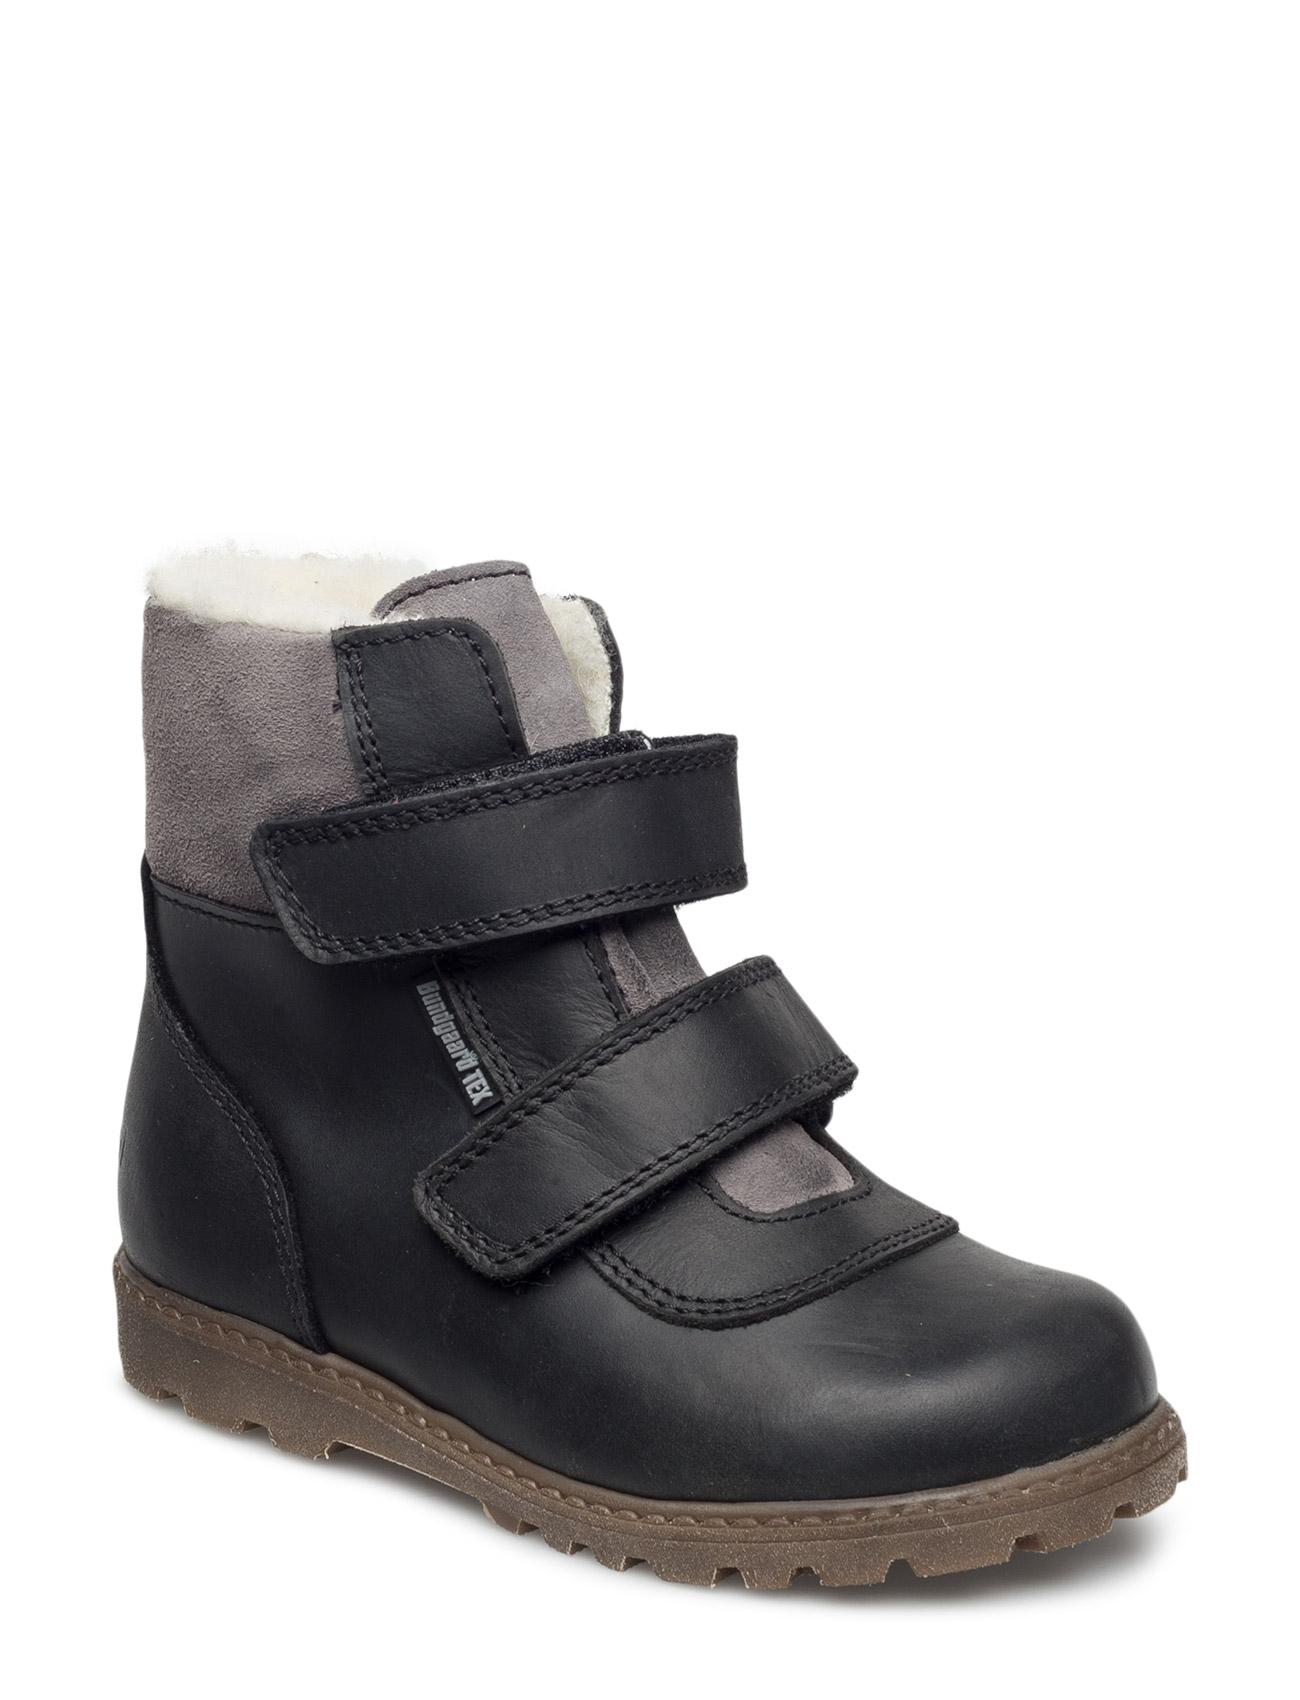 Tokker Bundgaard Støvler til Børn i Brun